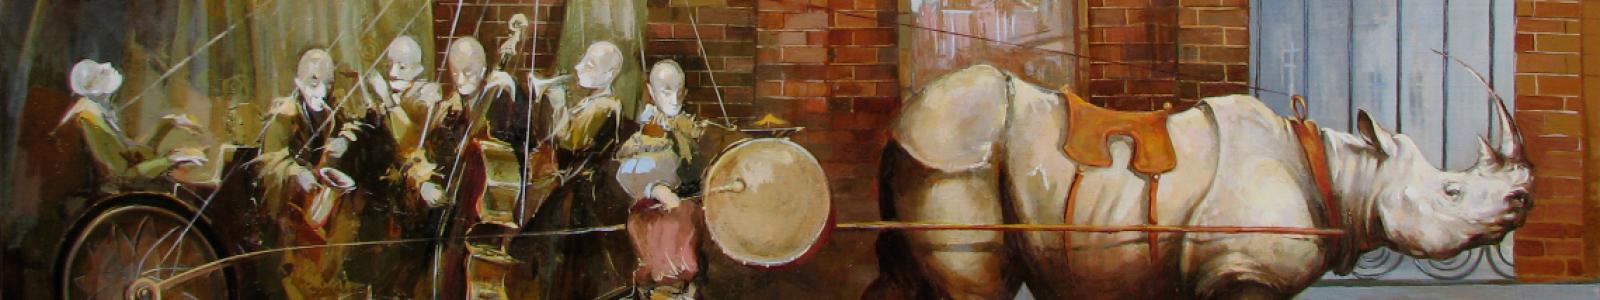 Gallery Painter Artavazd Talalyan